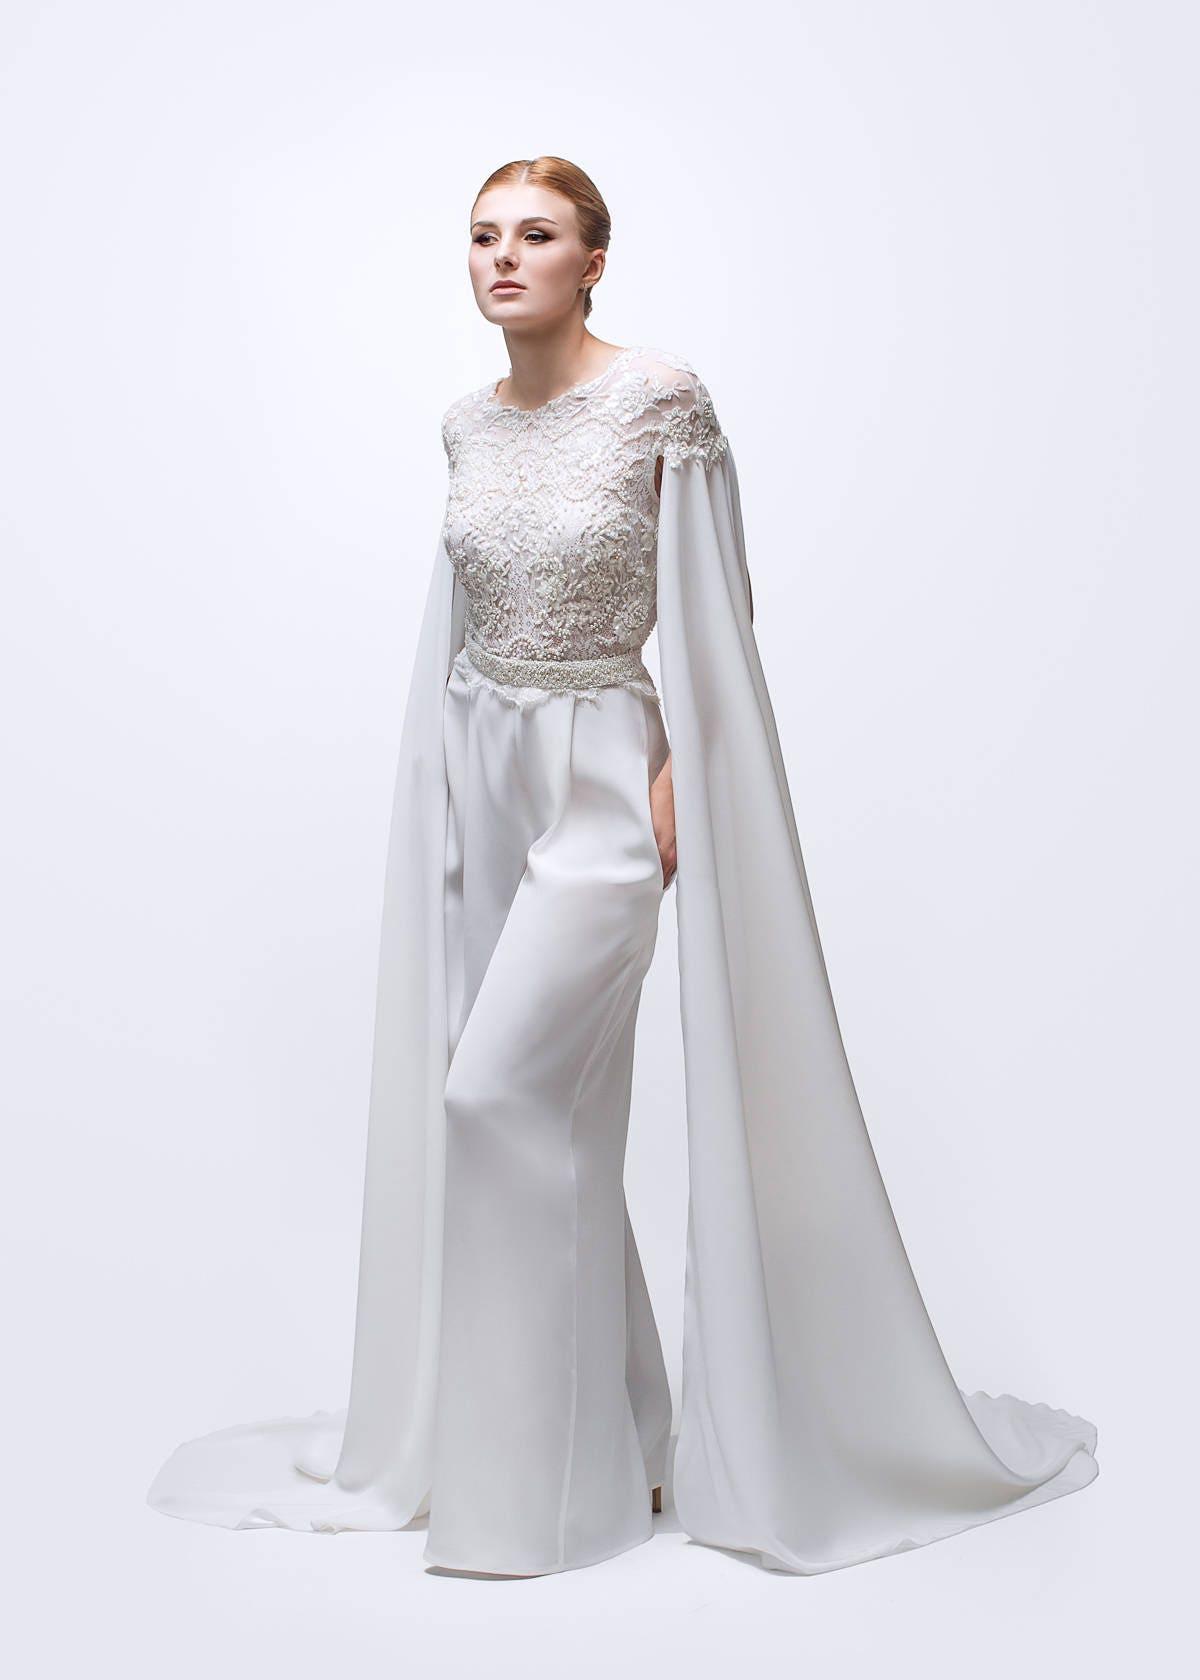 Brautkleid Brautkleid weißes Kleid Braut Versorgung